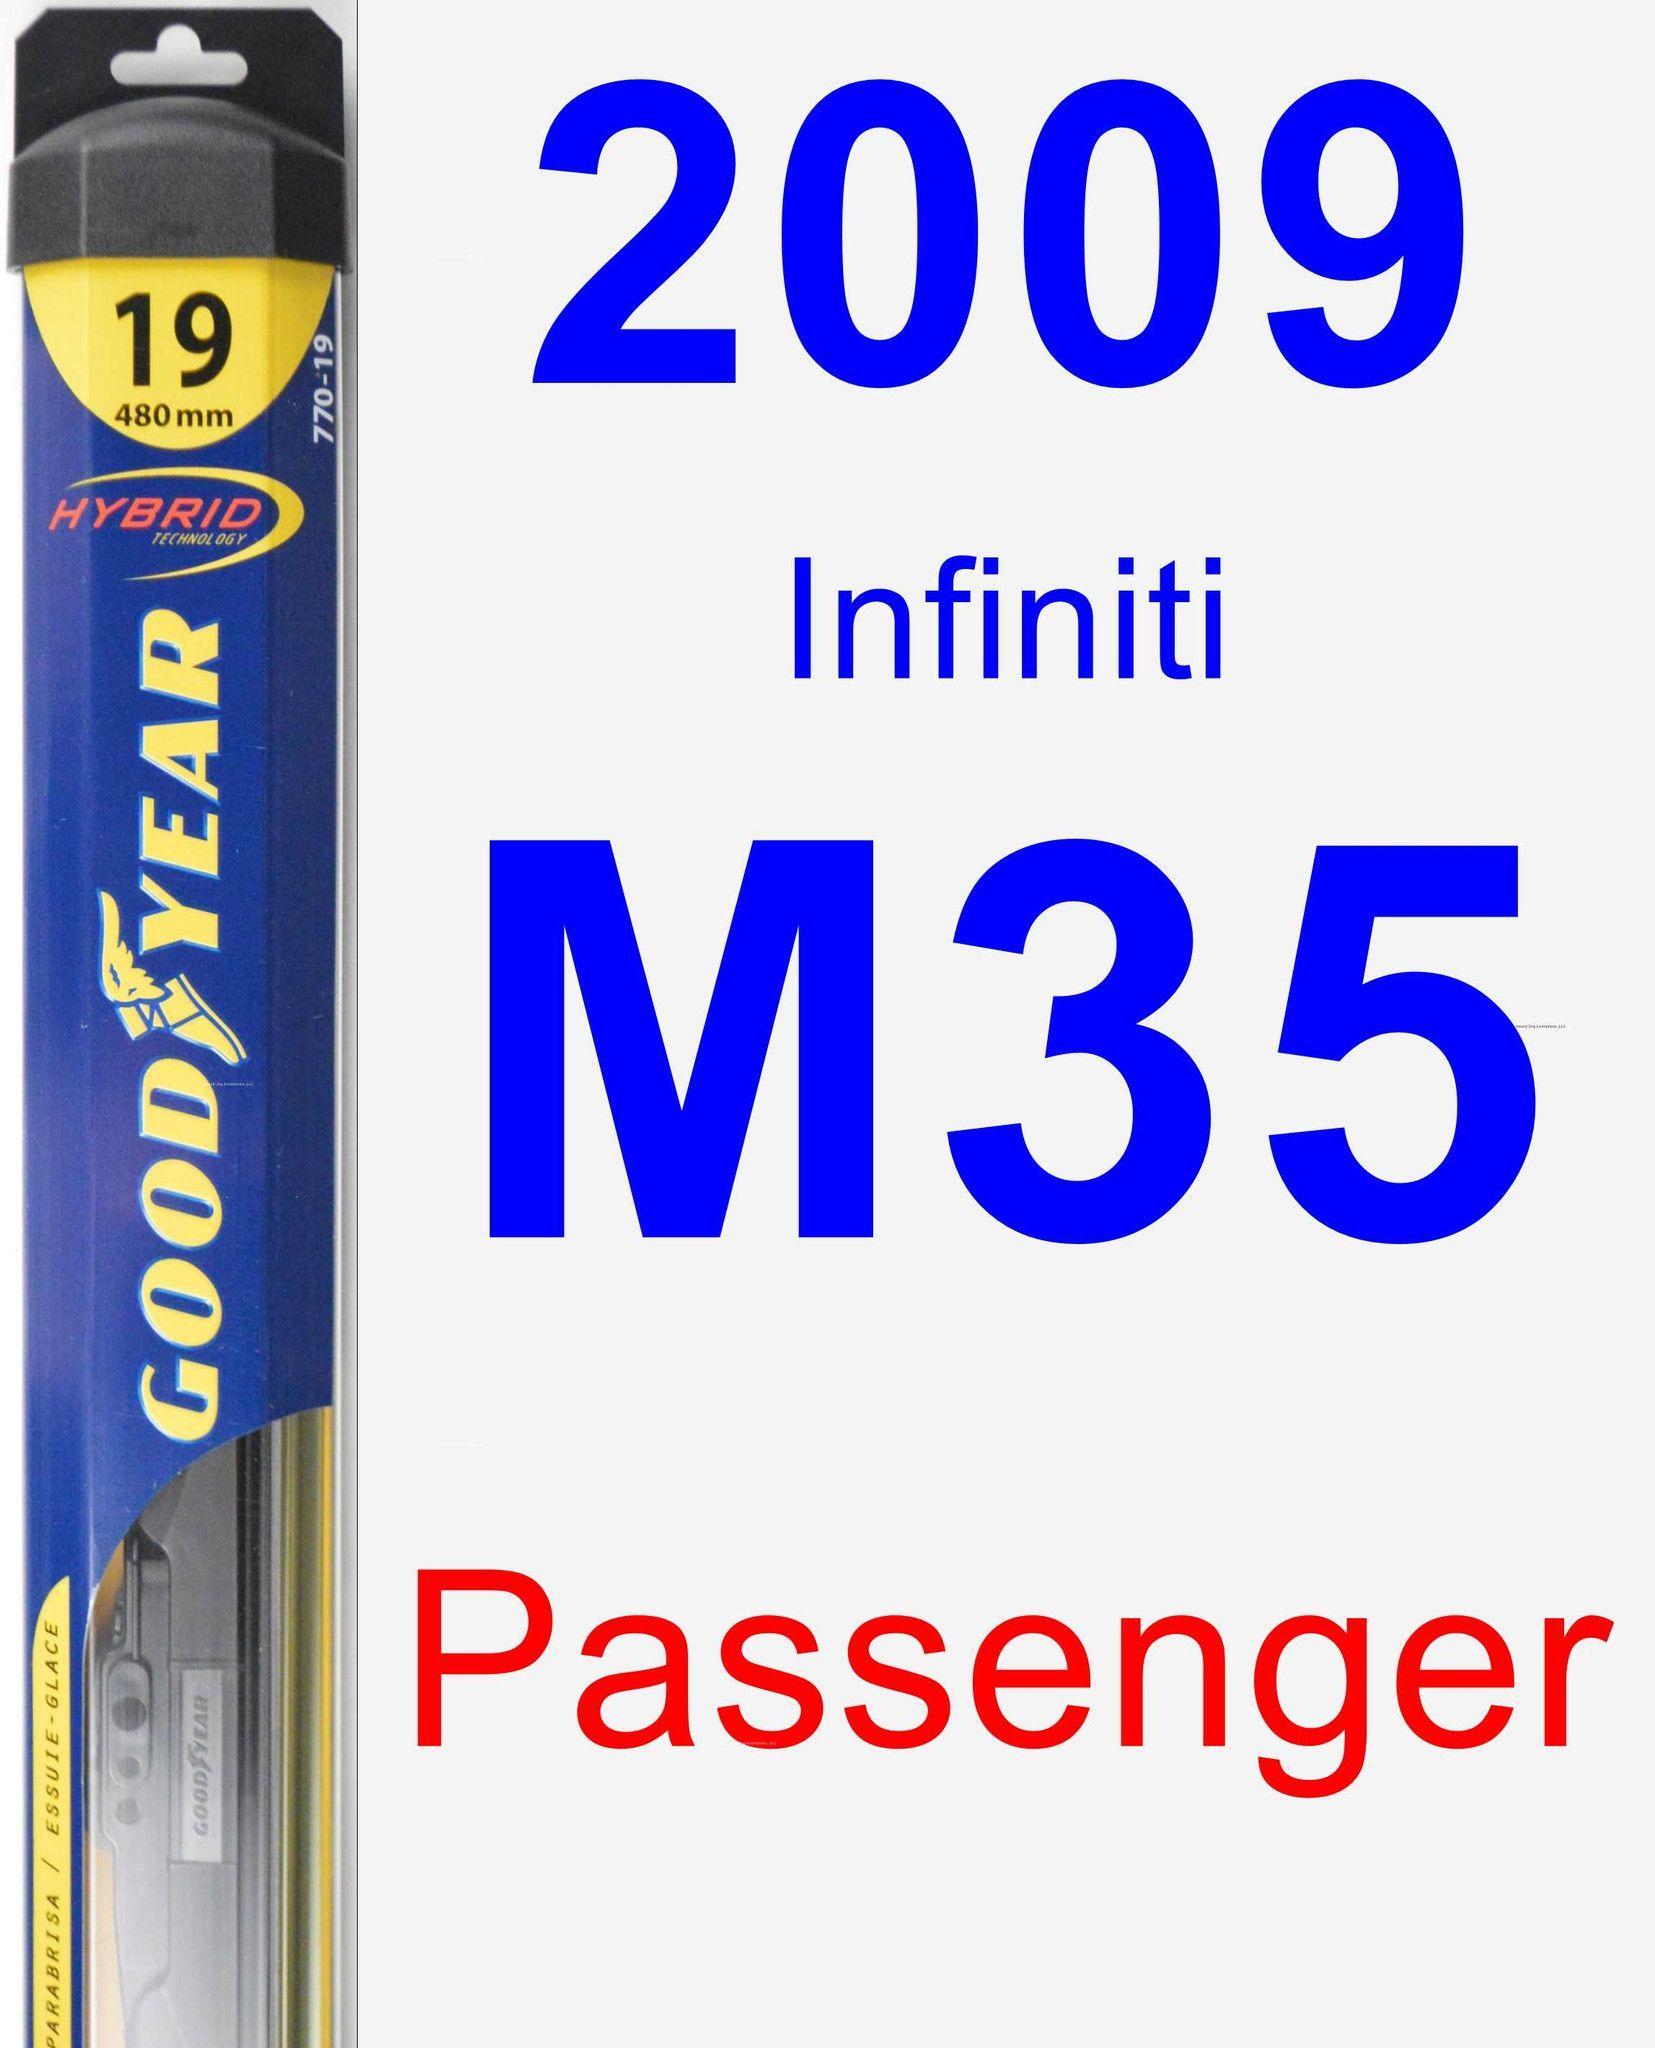 Passenger Wiper Blade for 2009 Infiniti M35 - Hybrid